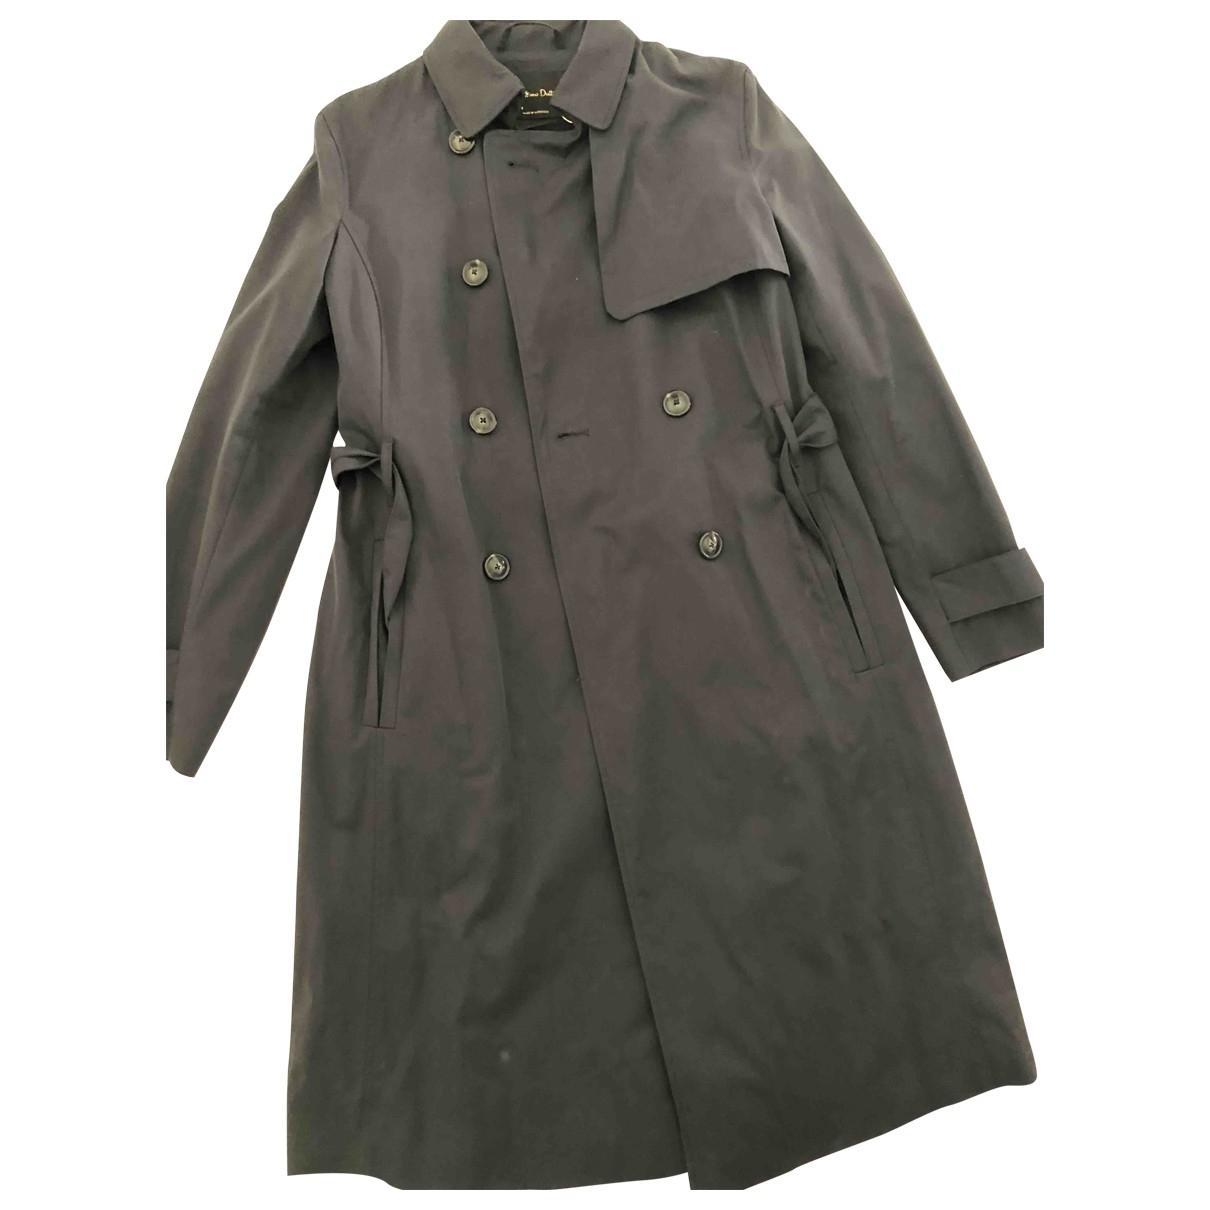 Massimo Dutti \N Navy coat for Women M International